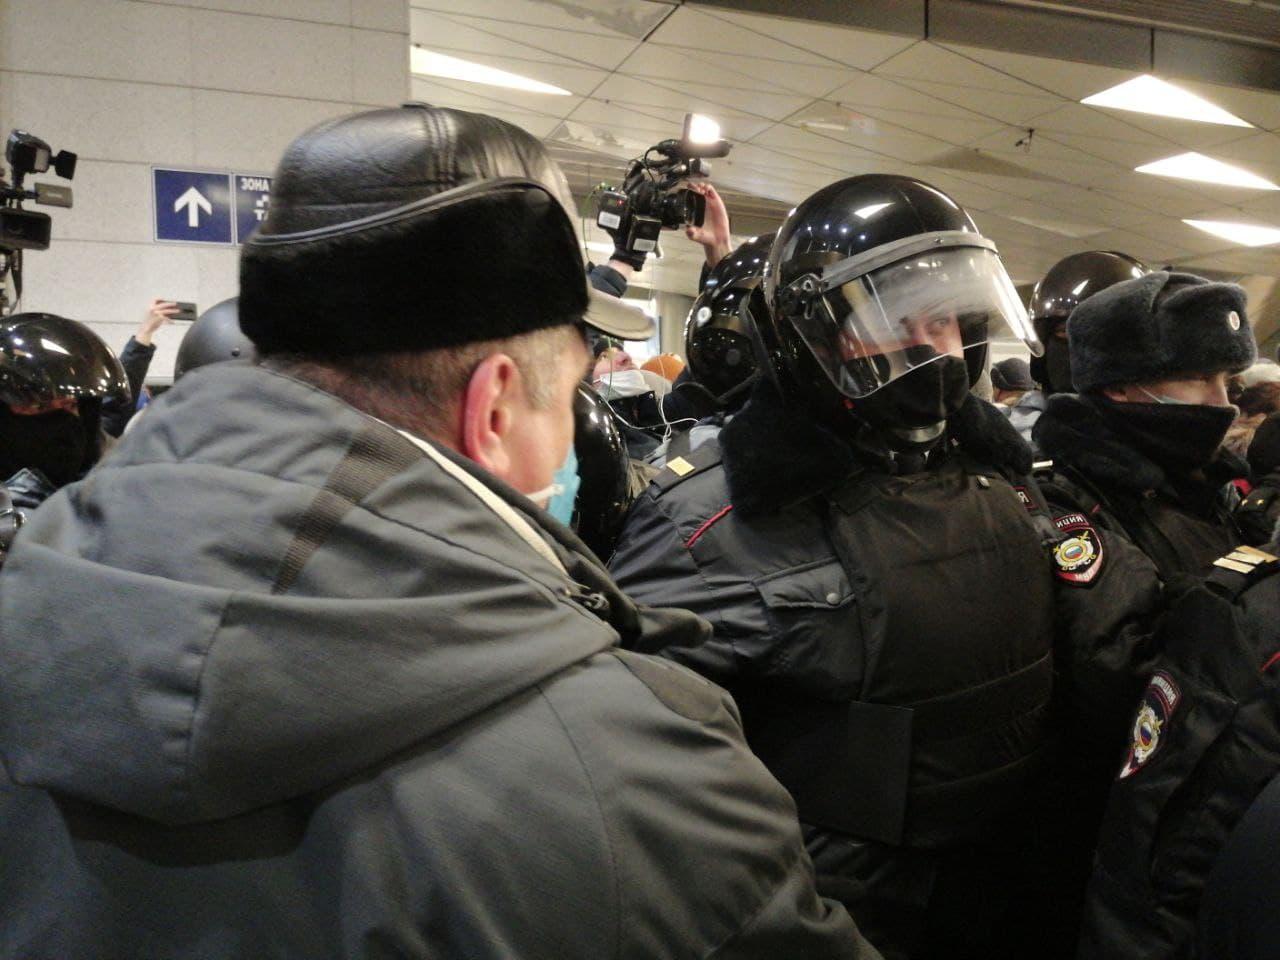 фото ЗакС политика ОМОН вытесняет людей, собравшихся к прилету Навального во Внуково